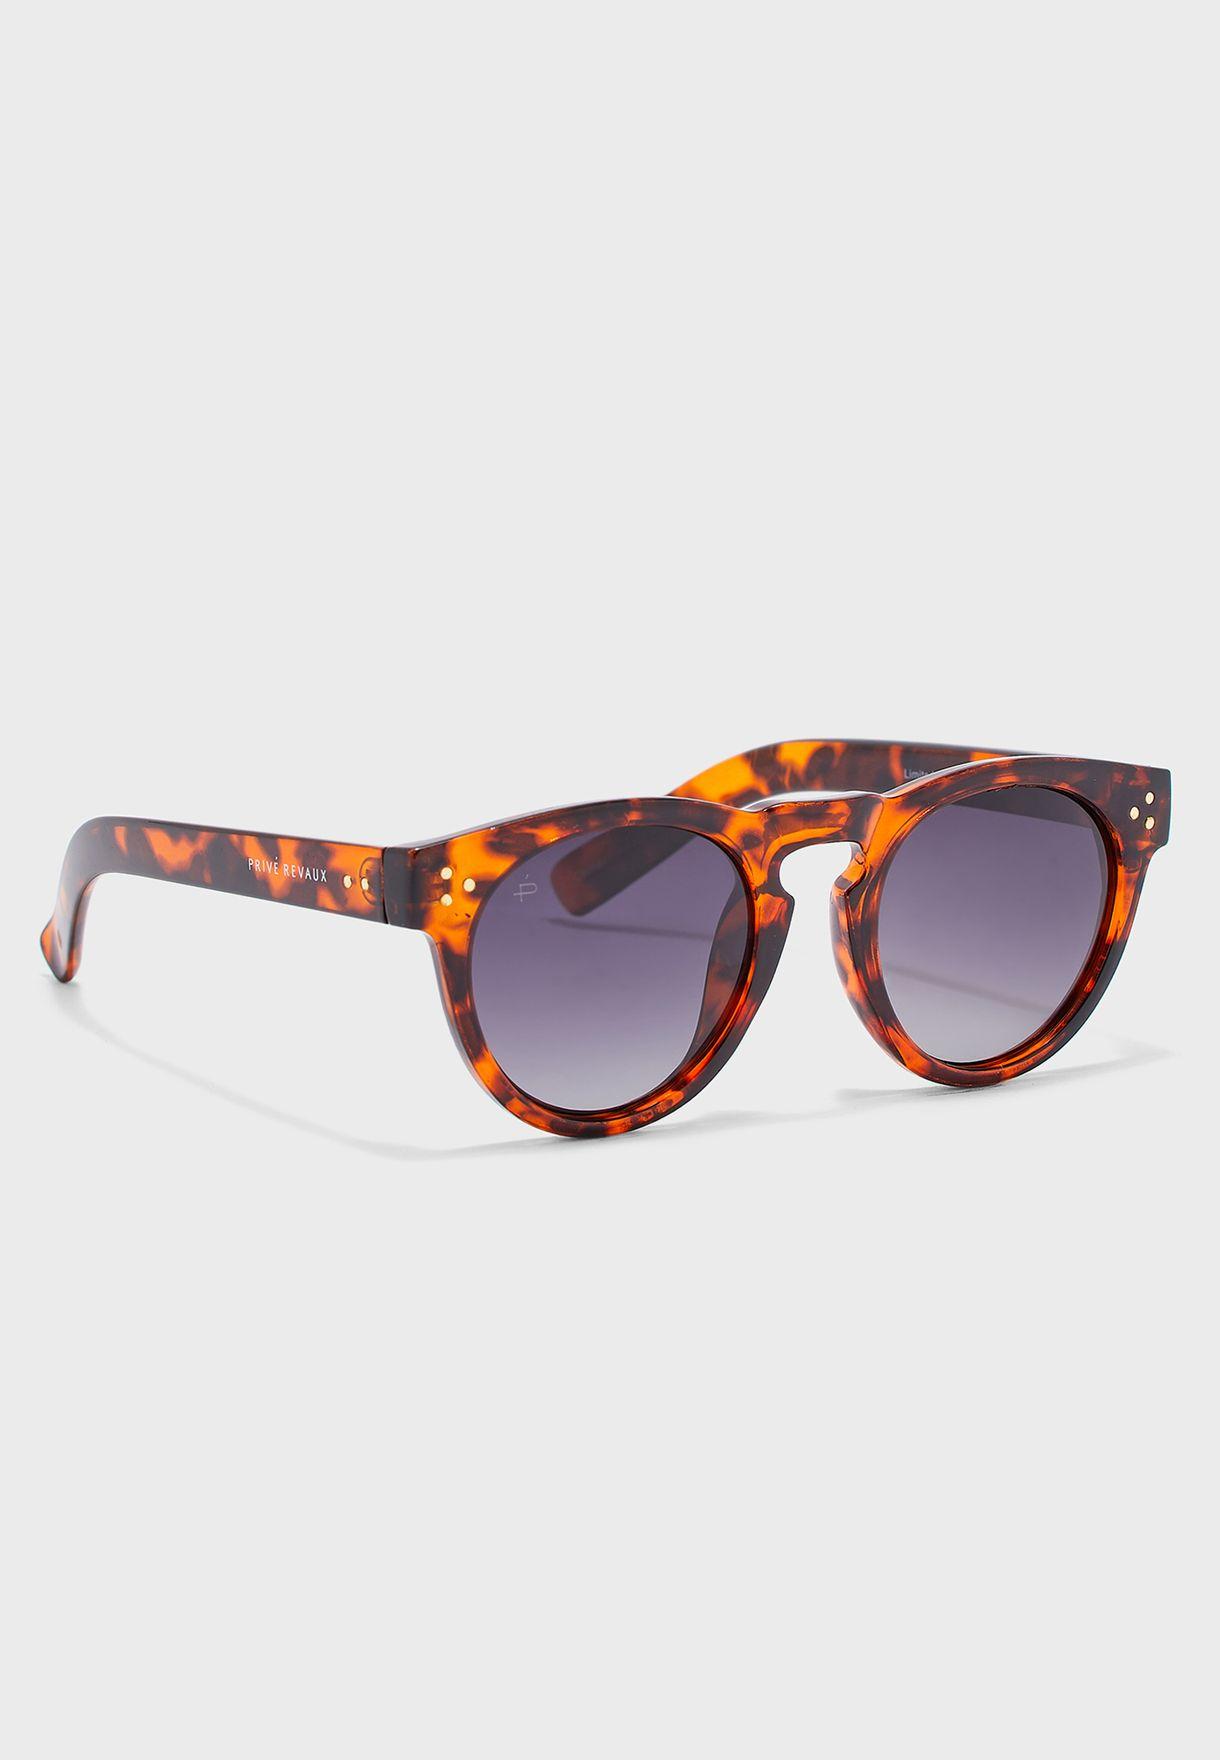 The Warhol Polarized Oval Shape Sunglasses